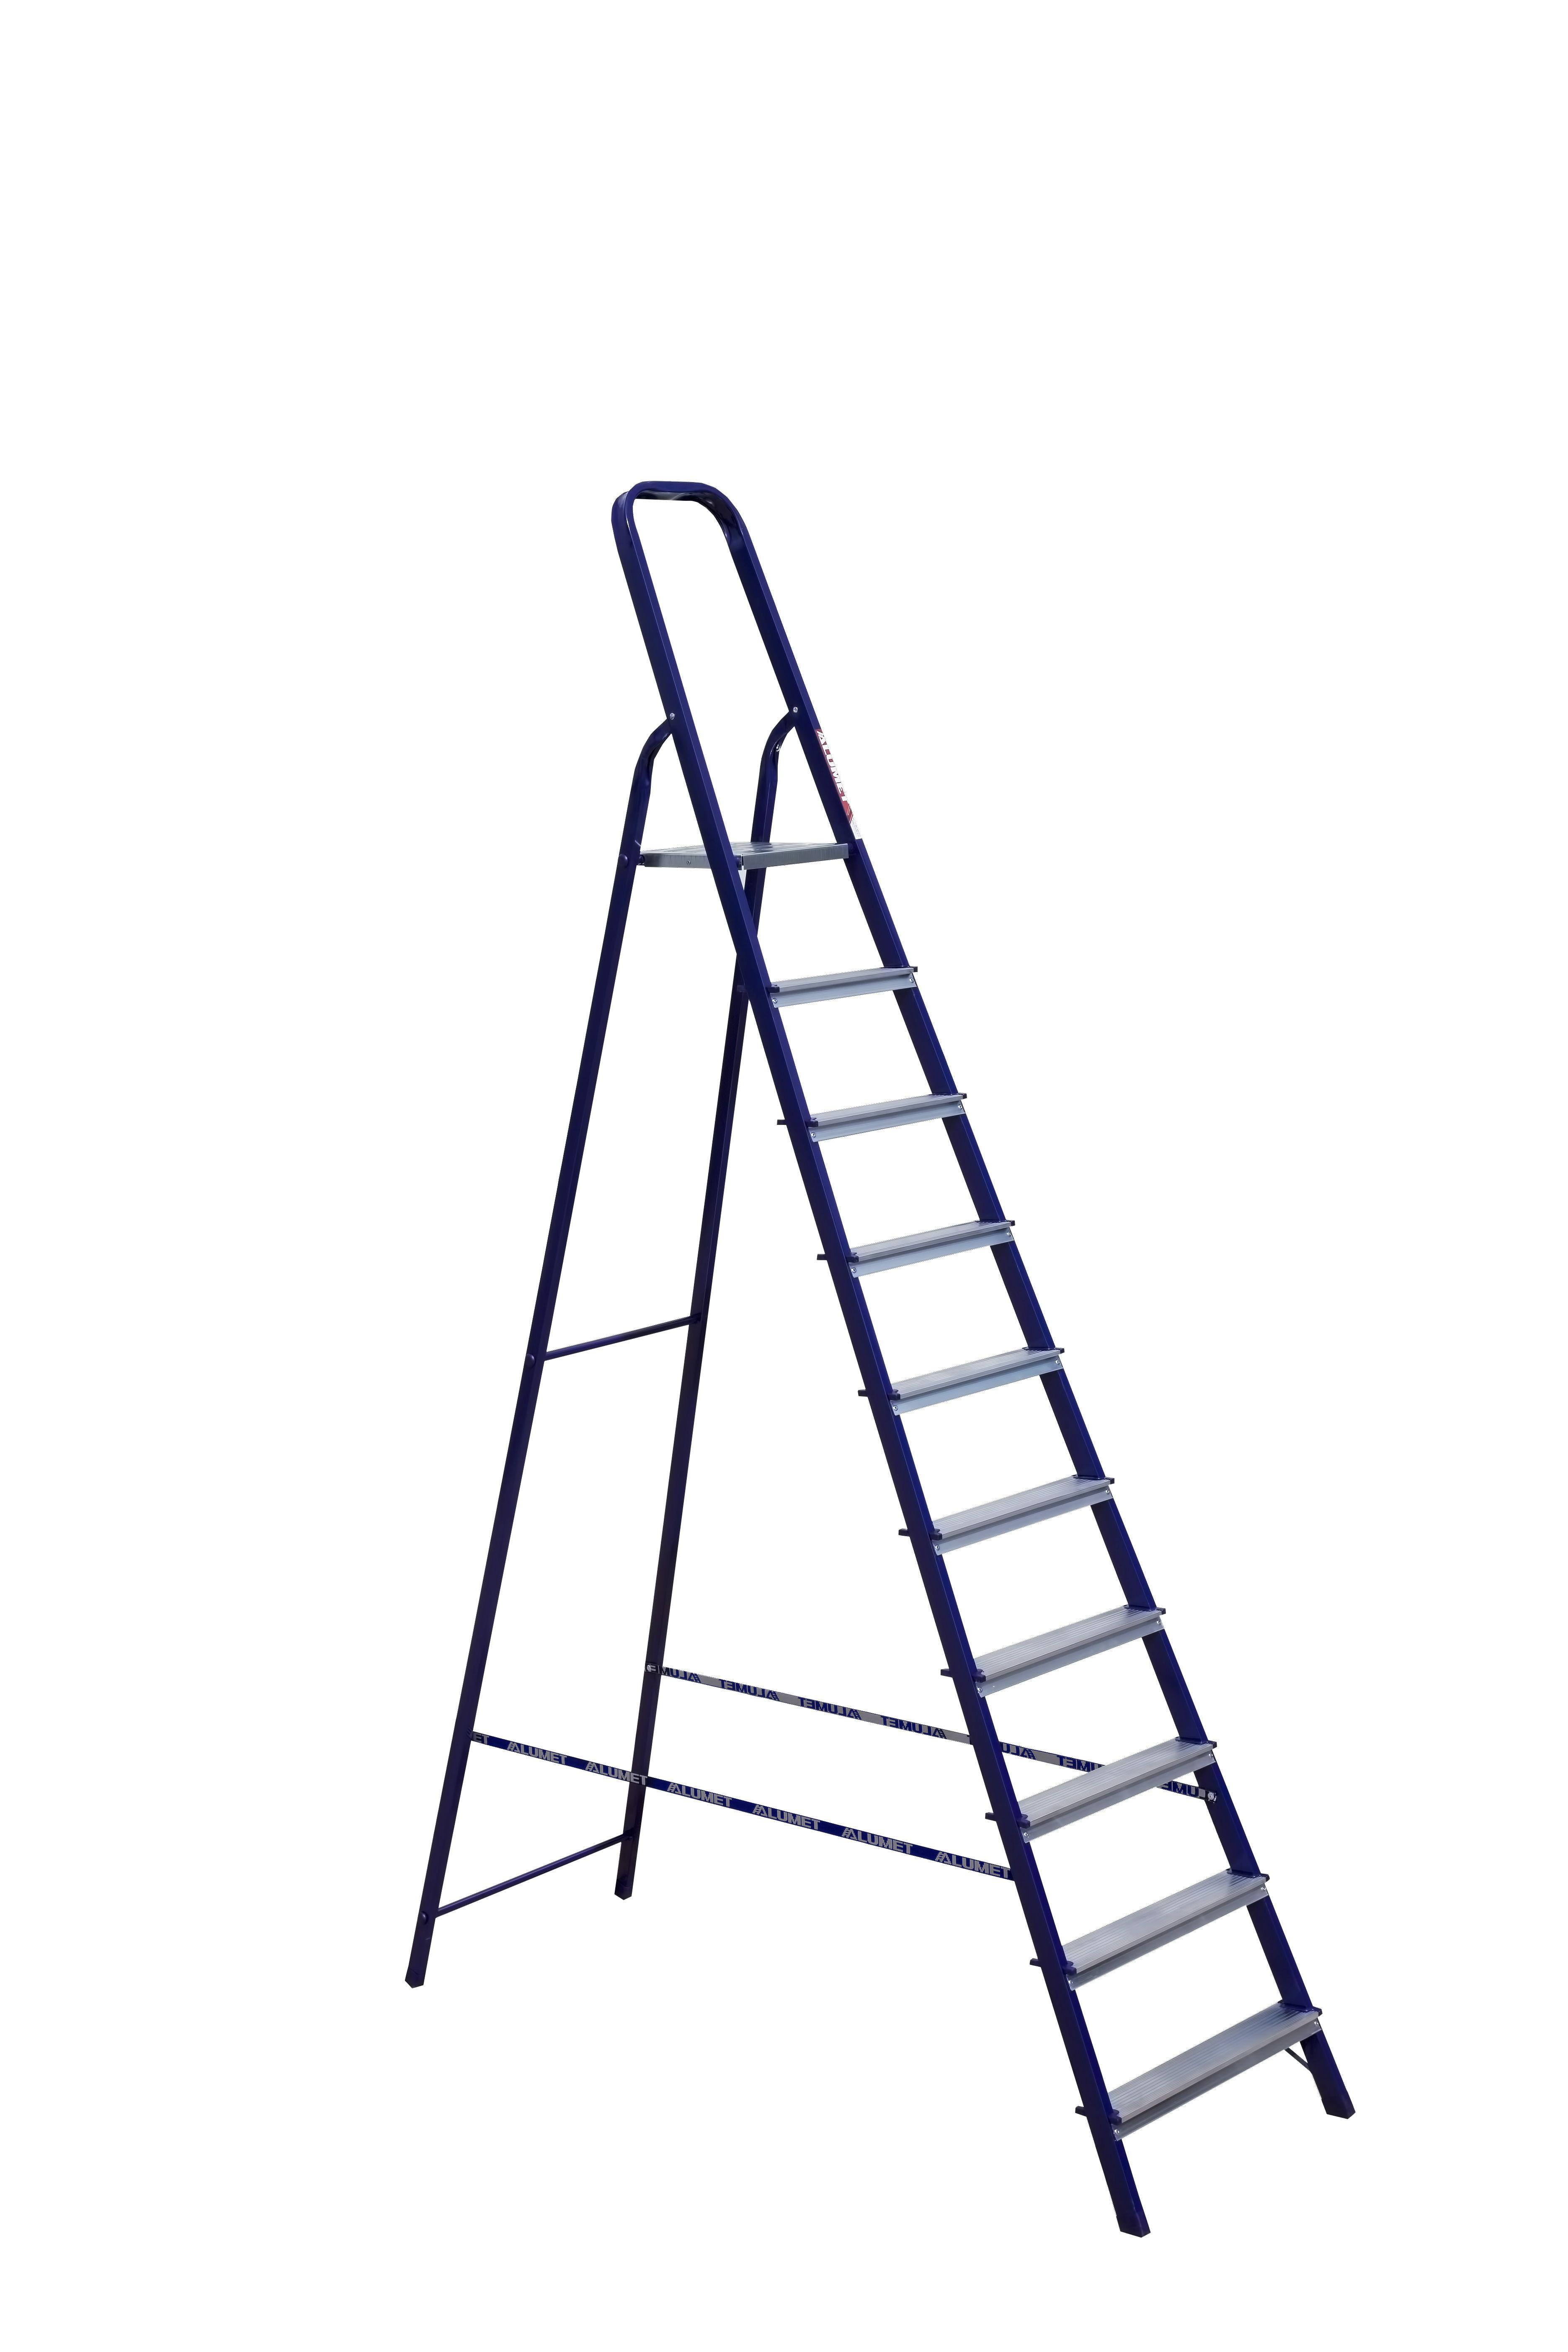 Лестница стремянка АЛЮМЕТ стальная м8410 10 ступеней